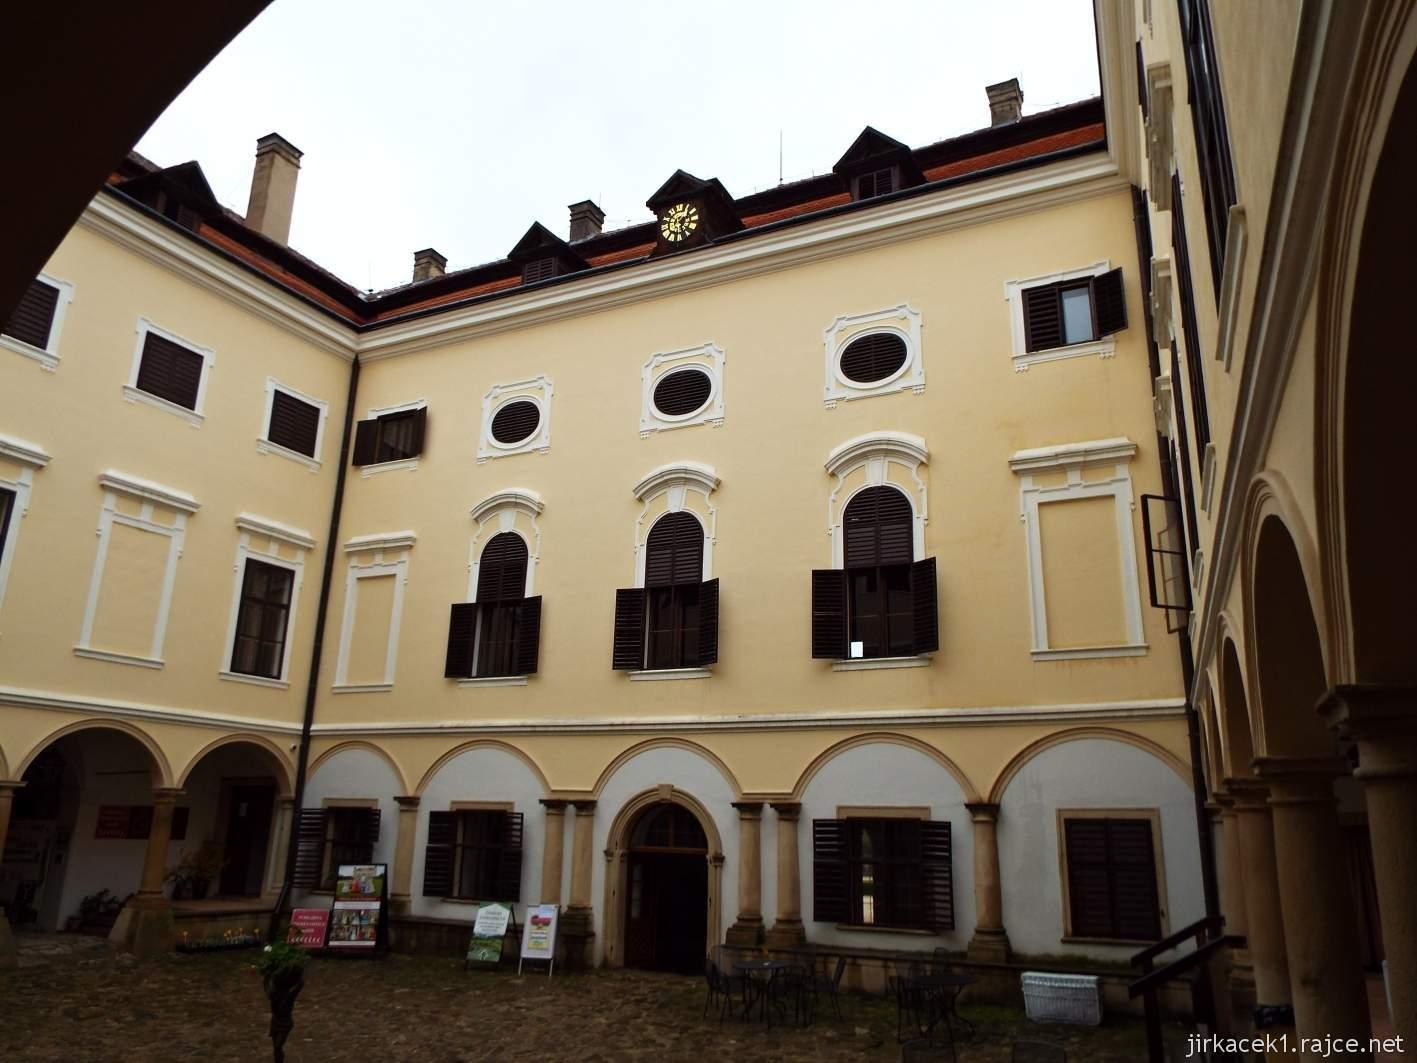 zámek Milotice 12 - nádvoří